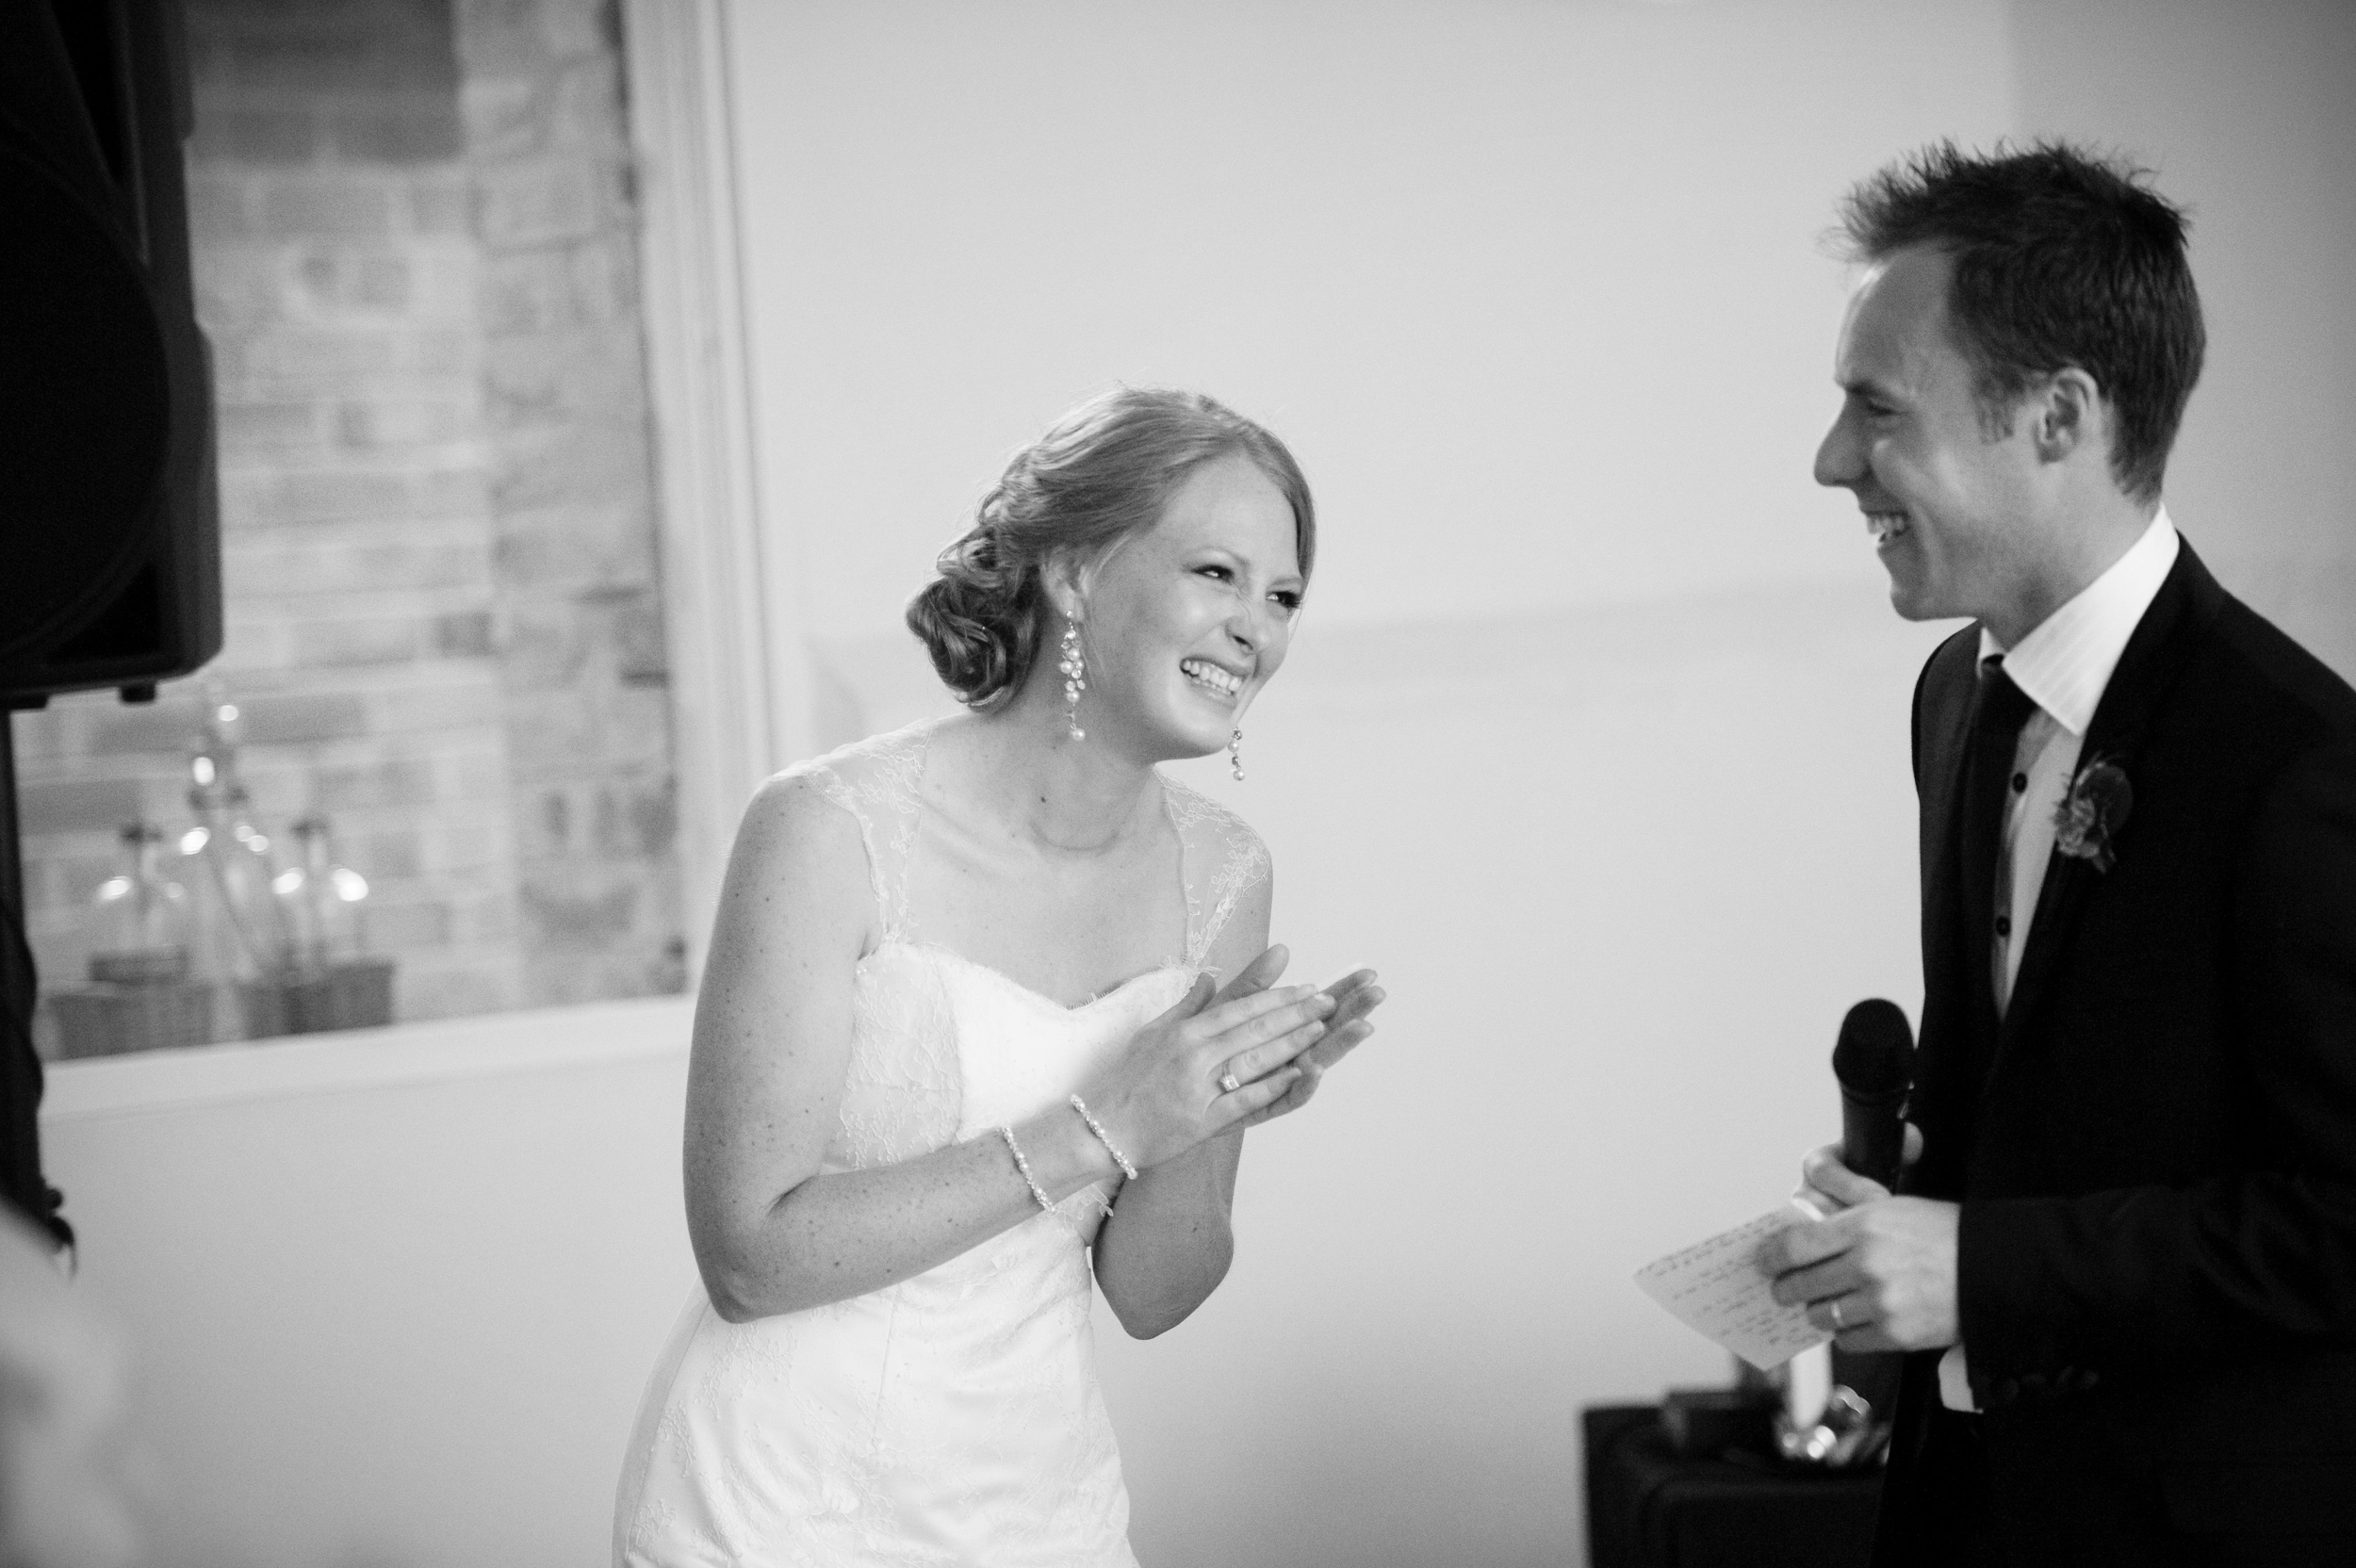 euroa_butter_factory_wedding_photography_91.jpg